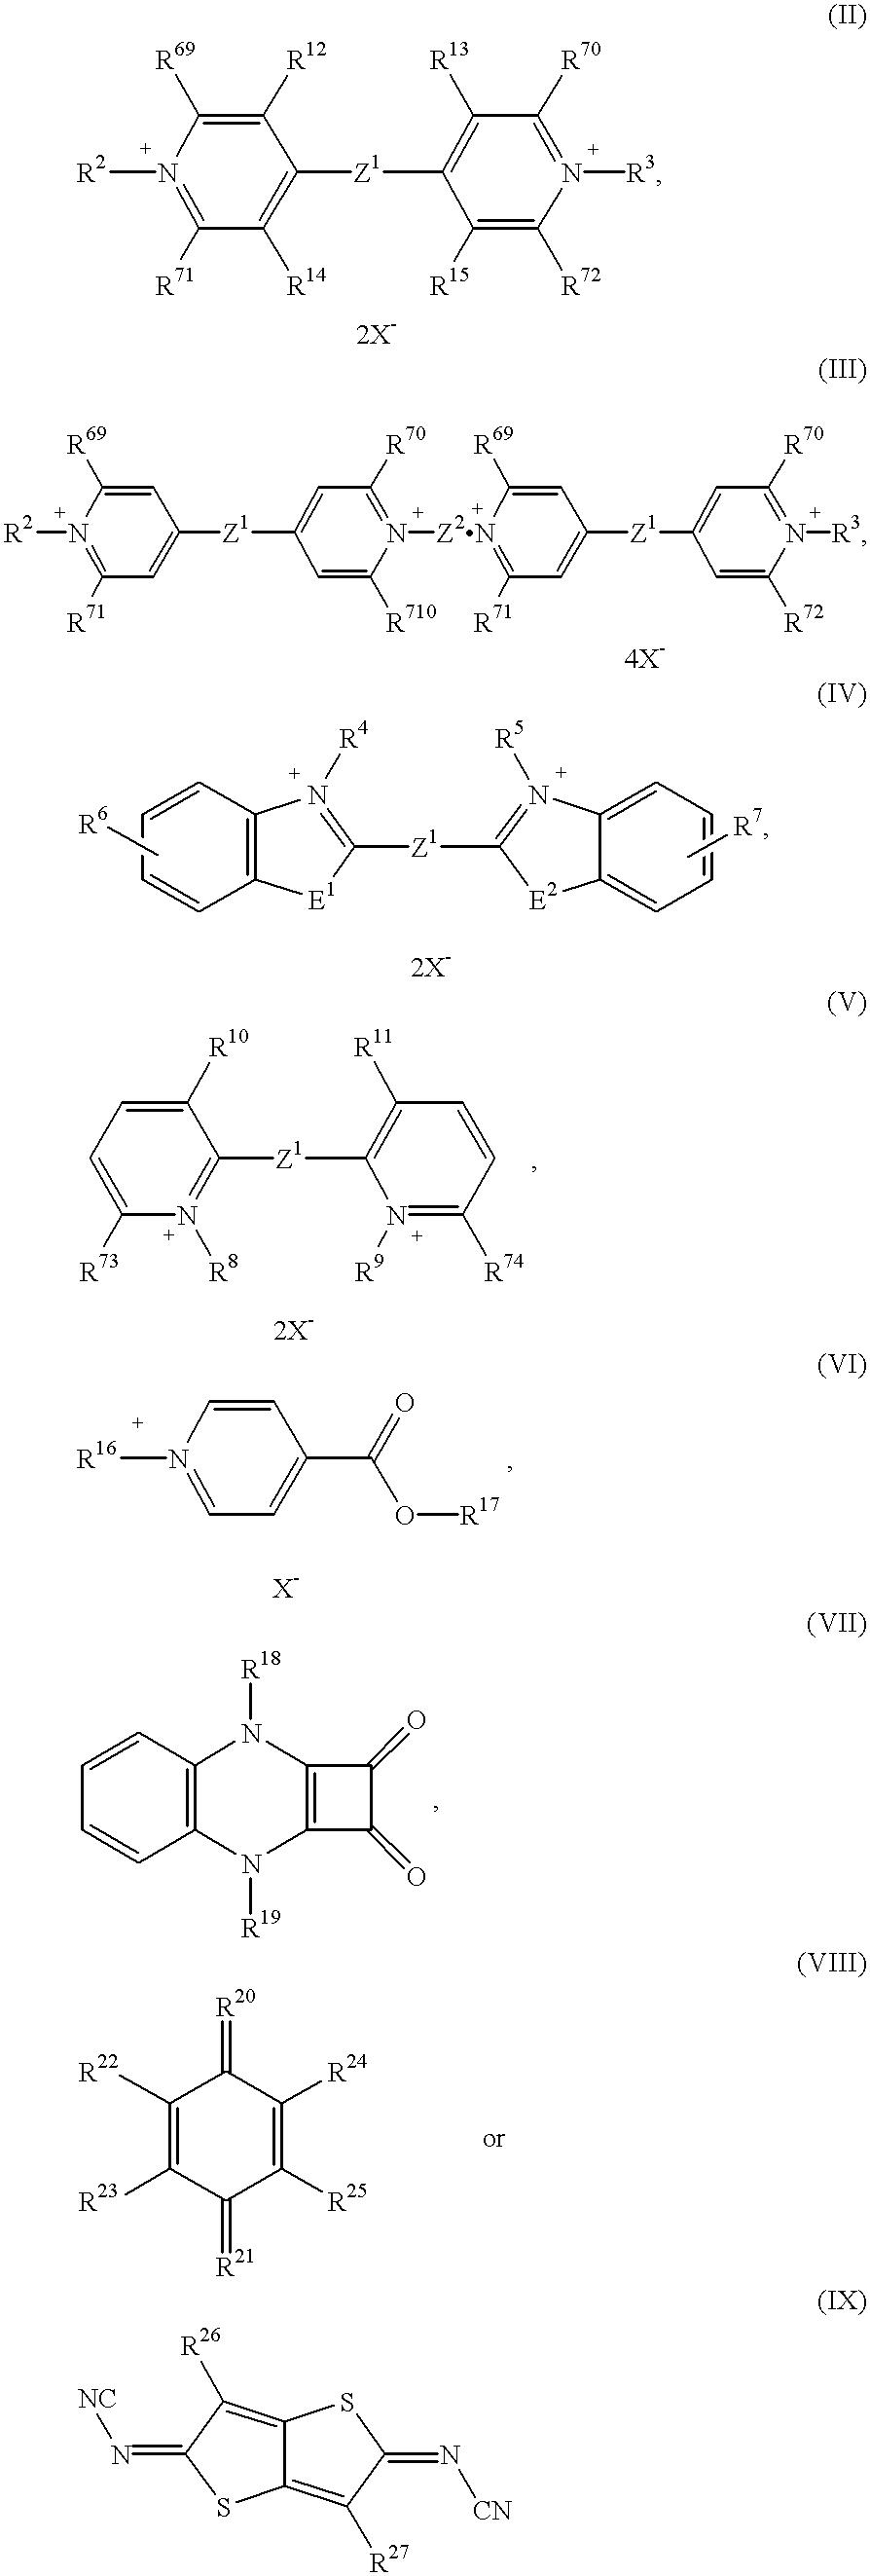 Figure US06241916-20010605-C00065